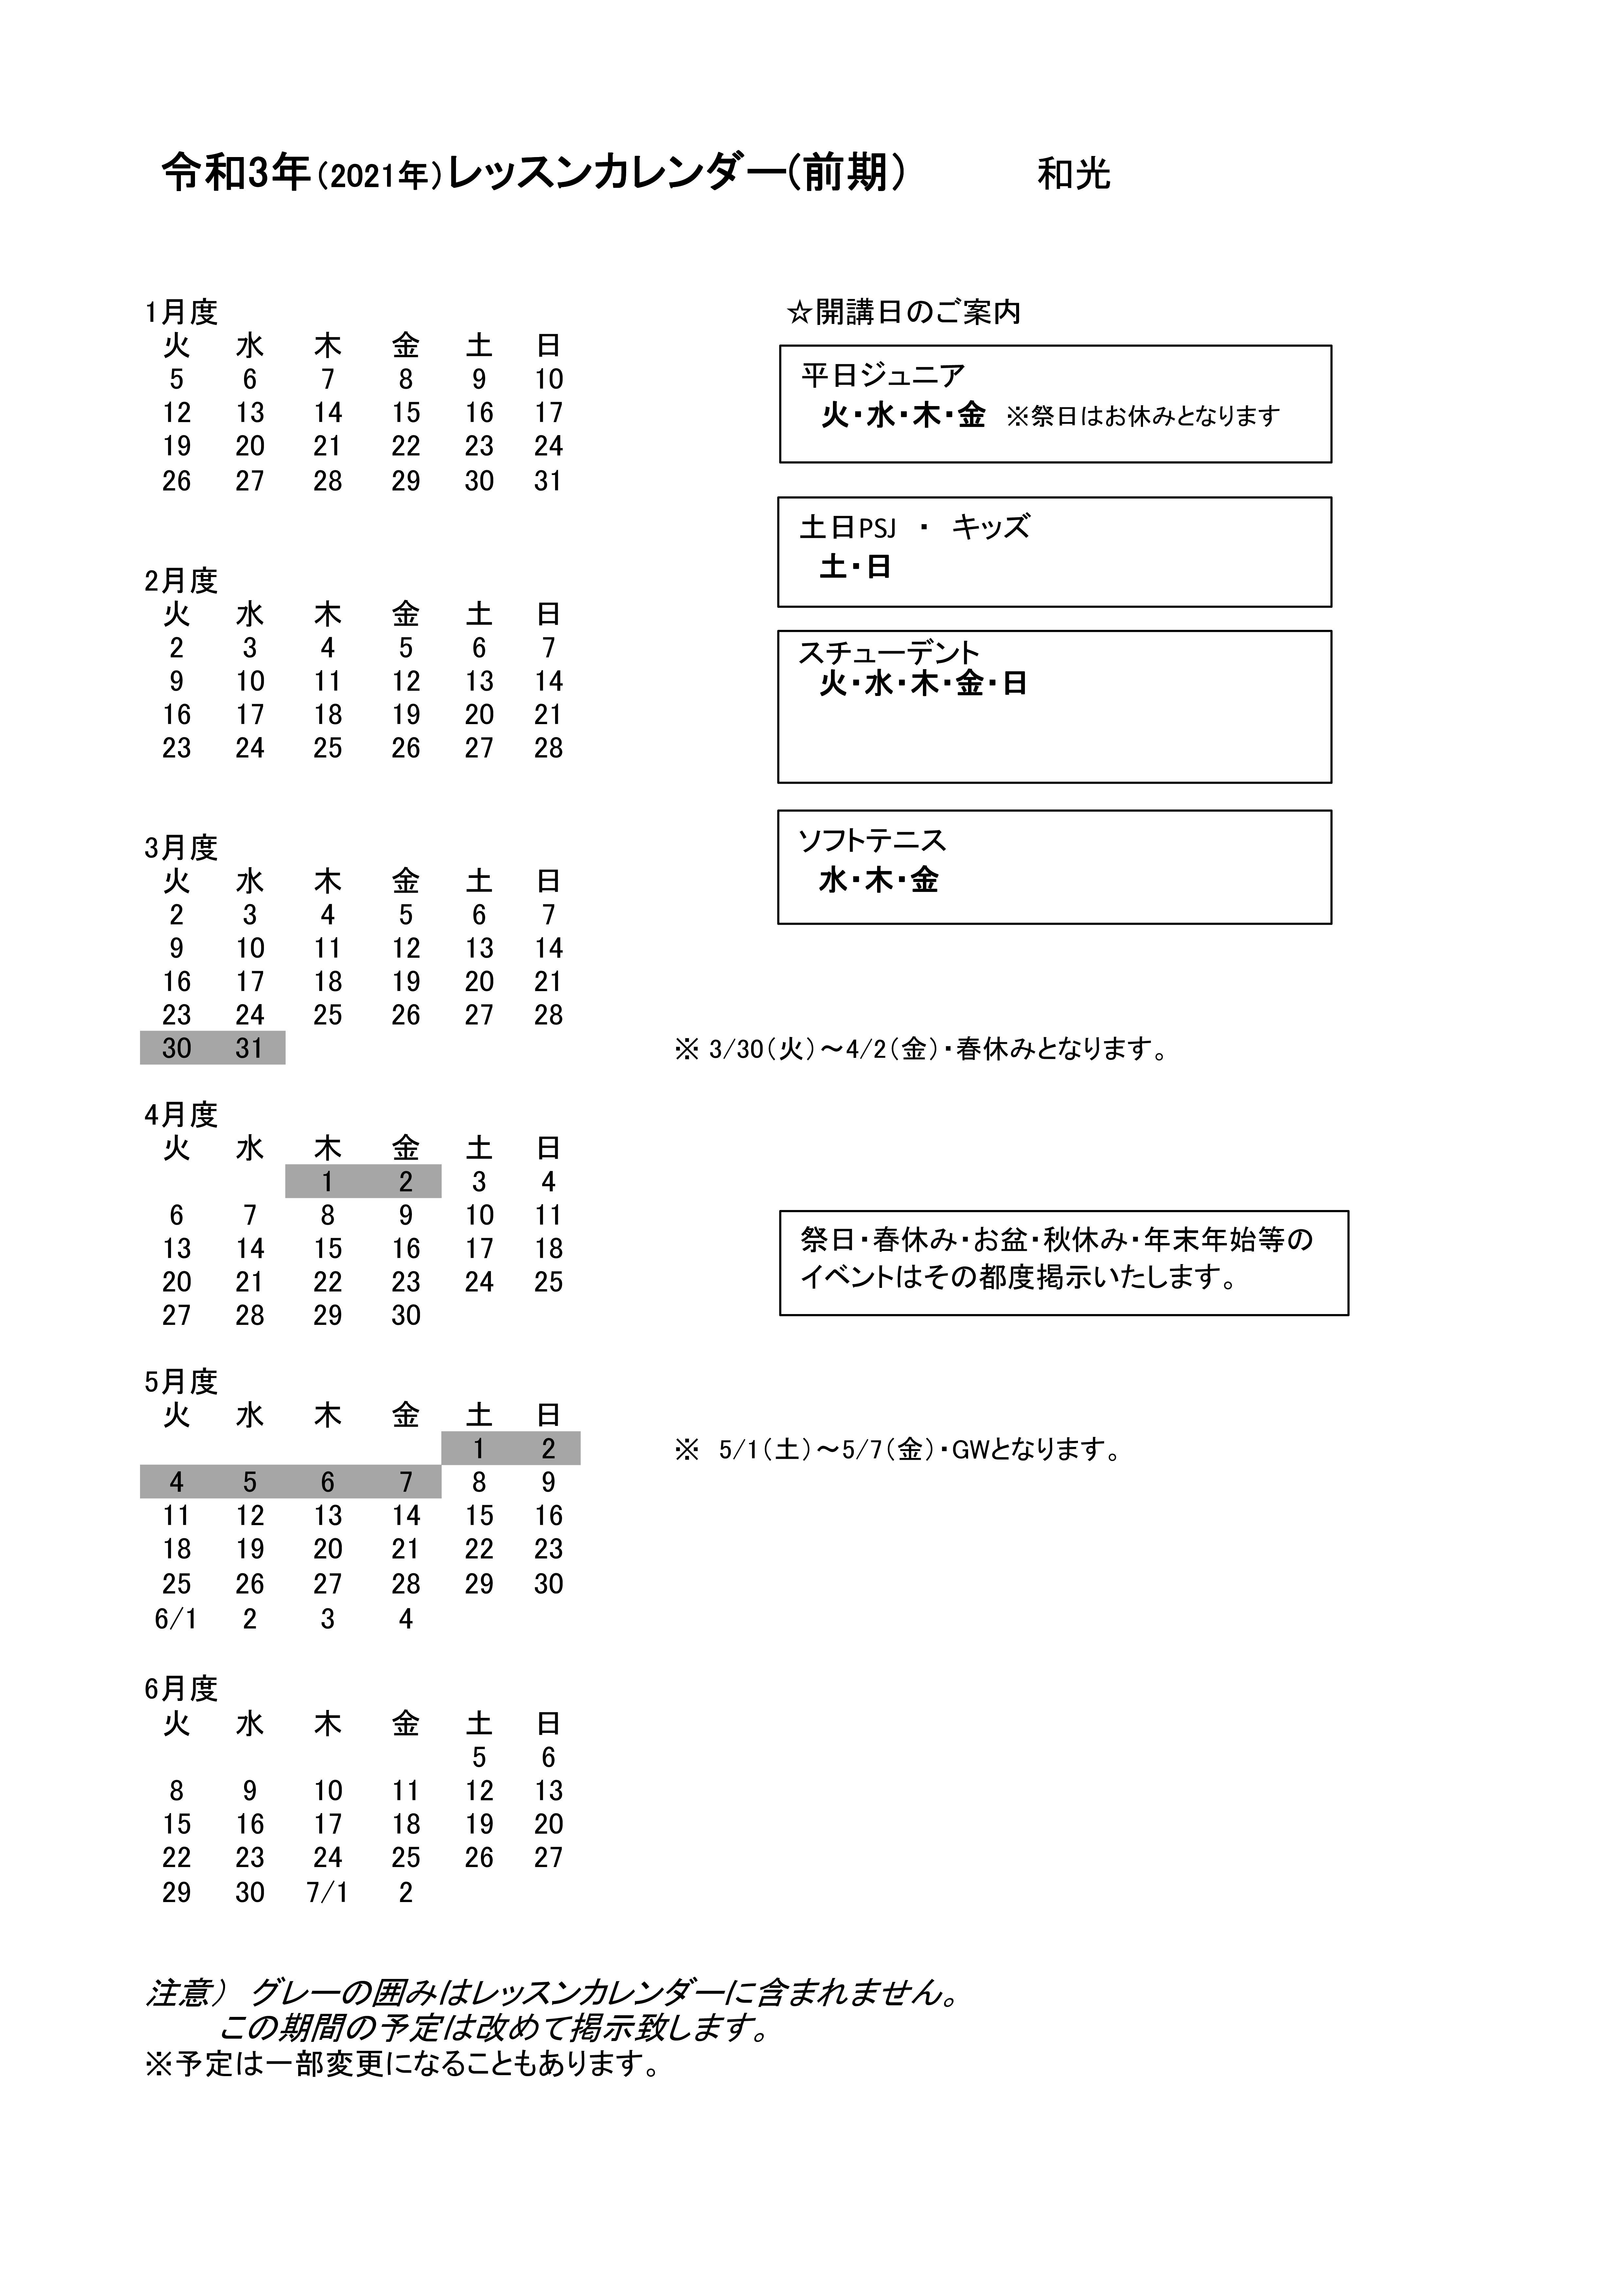 レッスンカレンダー和光